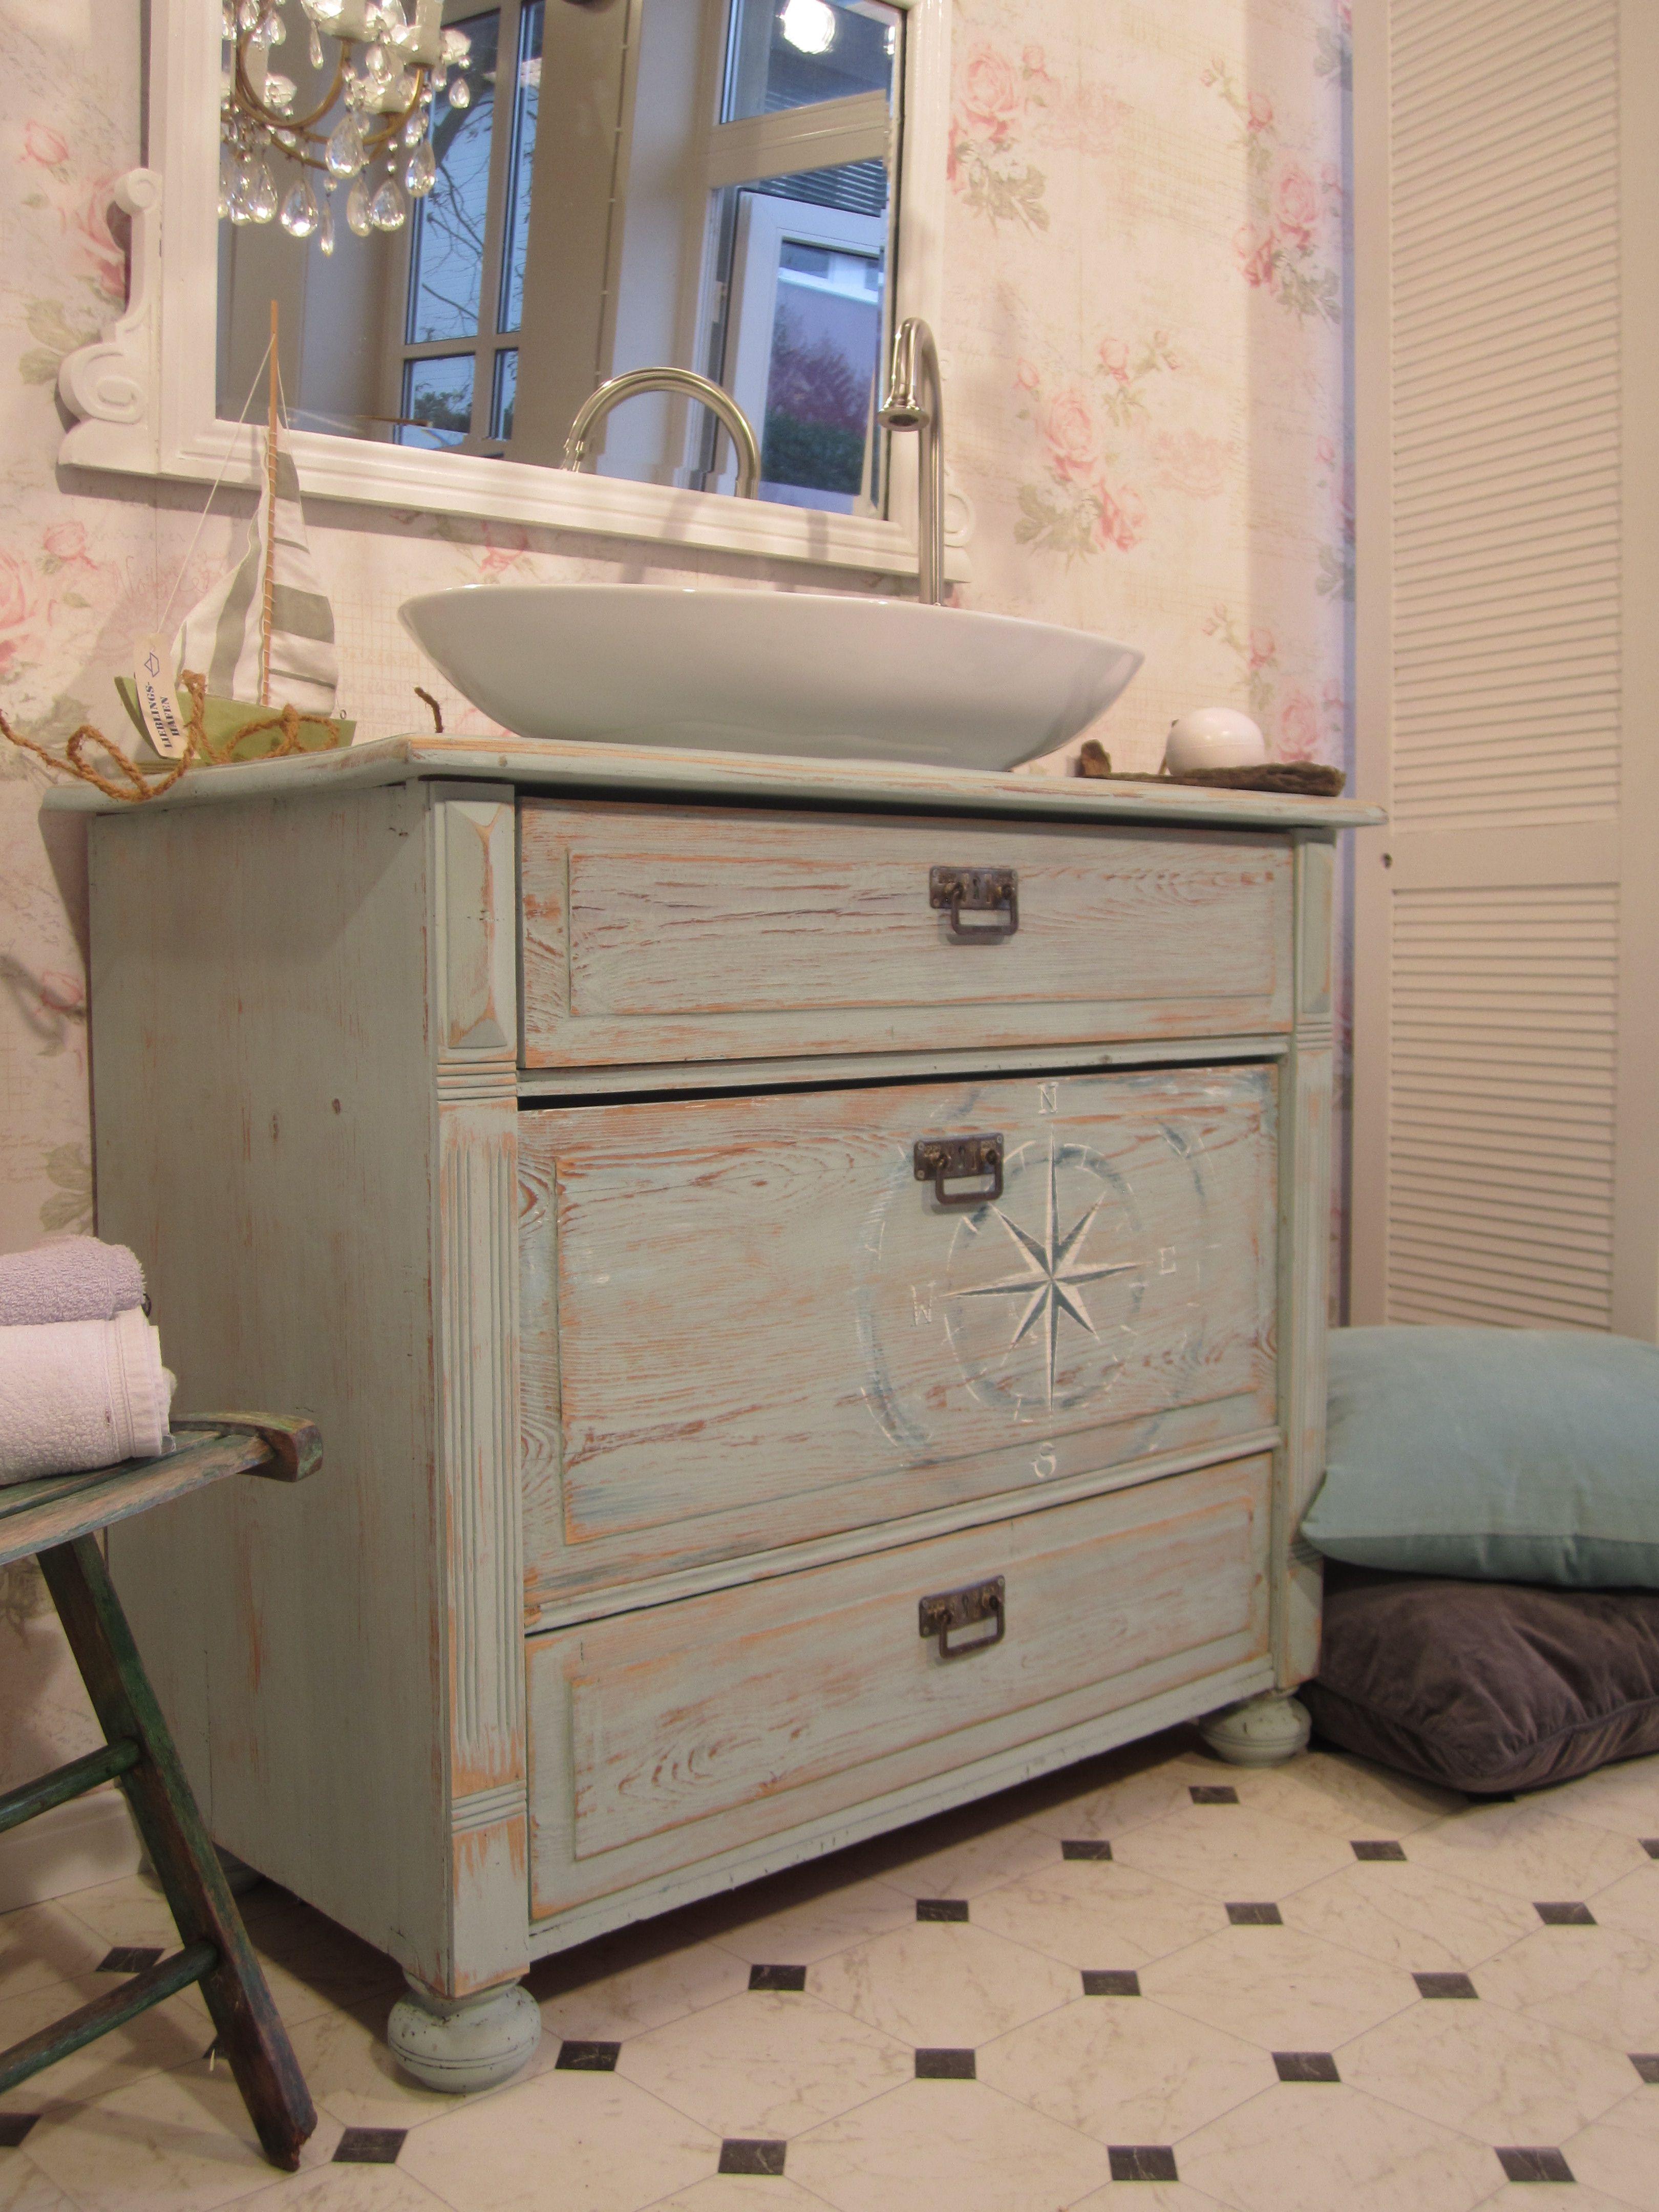 Landhaus Badmobel Nautica Maritimer Landhaus Waschtisch Wer In Seinem Zuhause Angekommen I Waschtisch Selber Bauen Landhaus Einrichtung Waschtisch Vintage